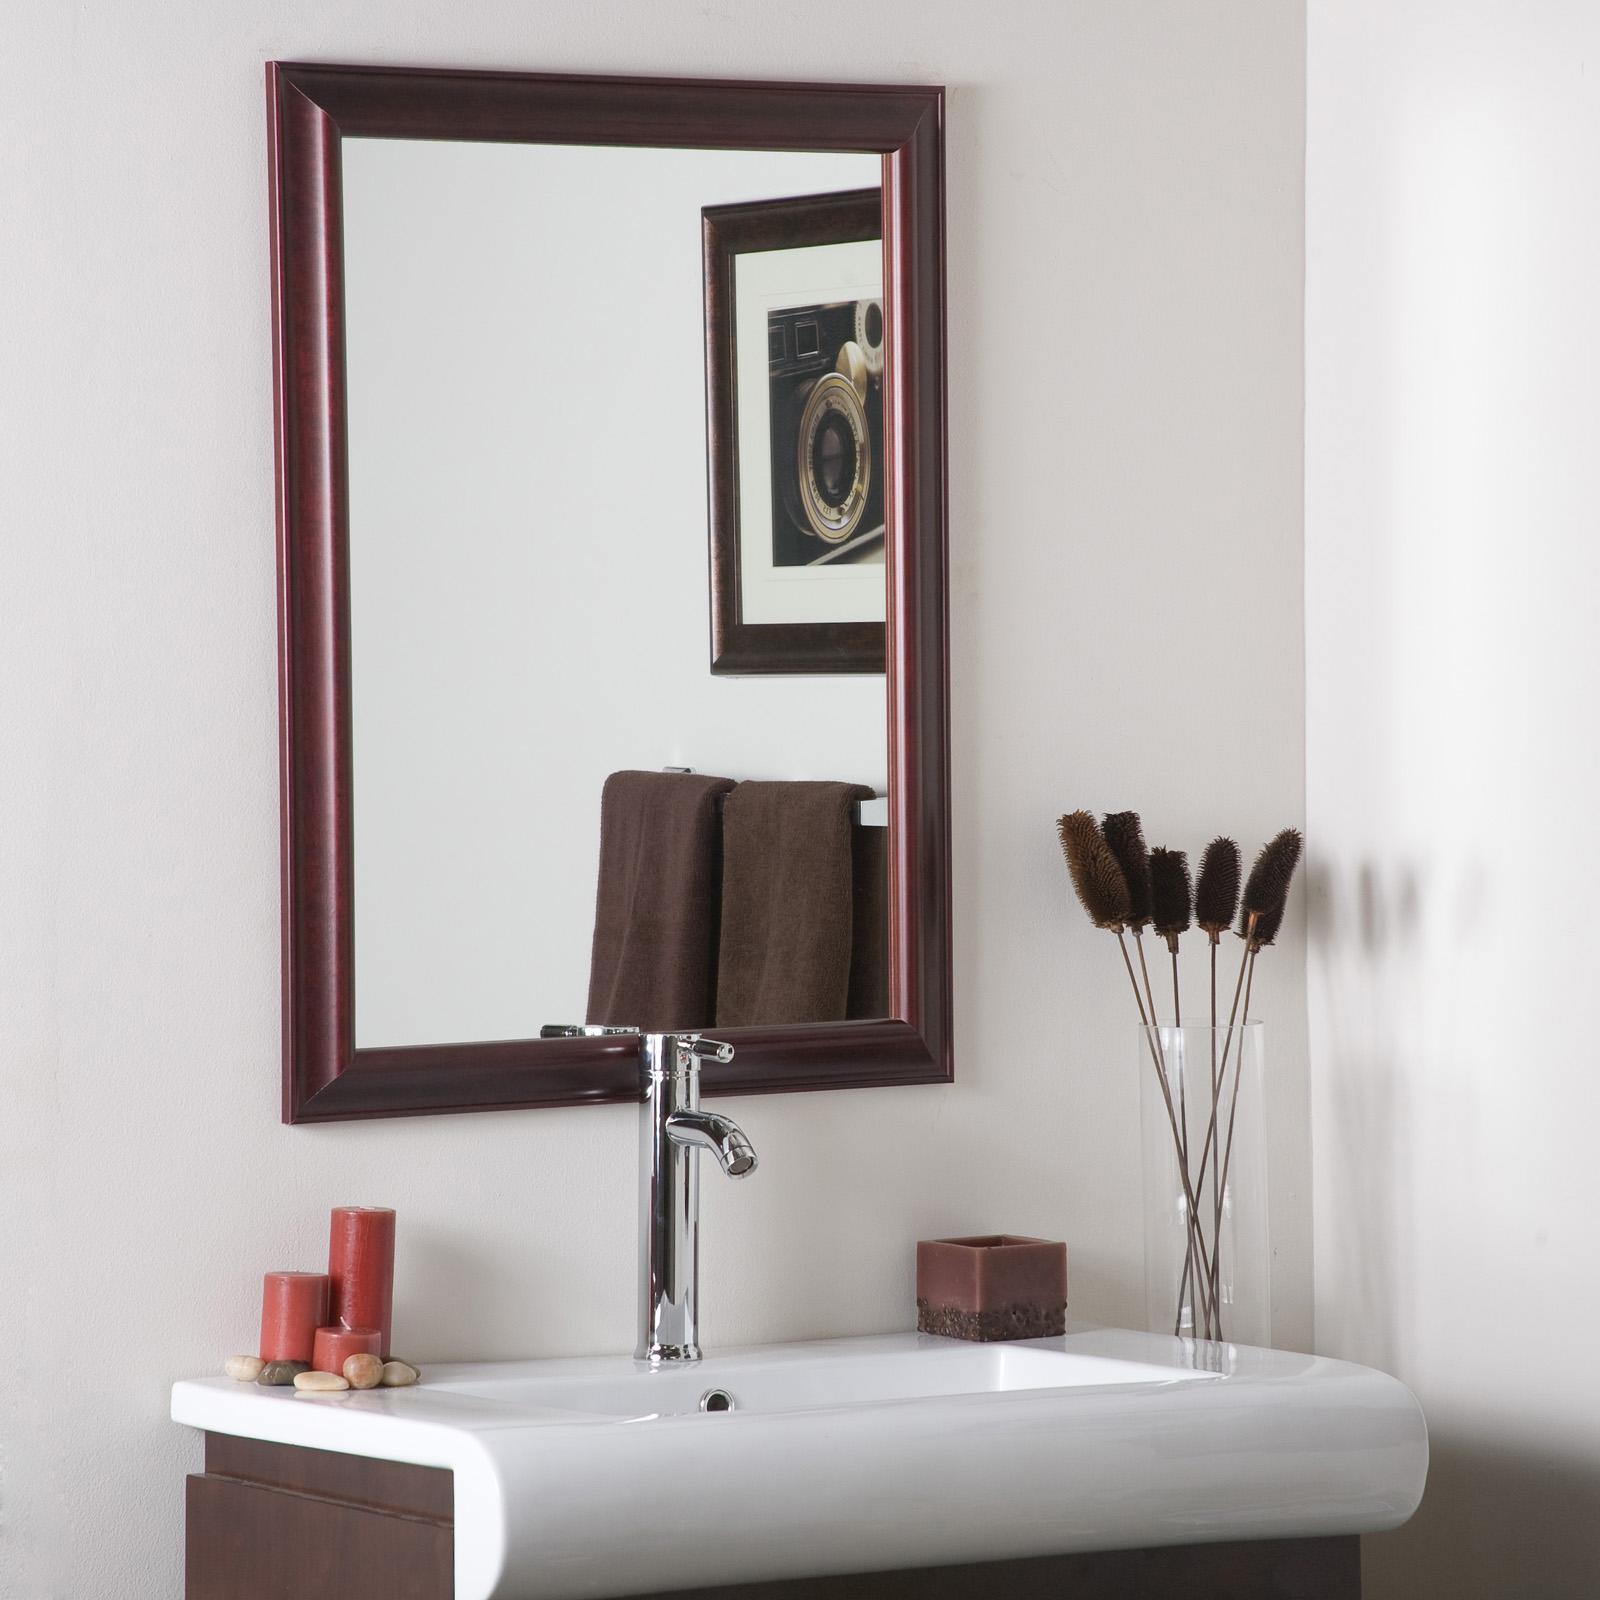 Mahogany Bathroom Mirror: Mahogany Framed Wall Mirror In Framed Mirrors